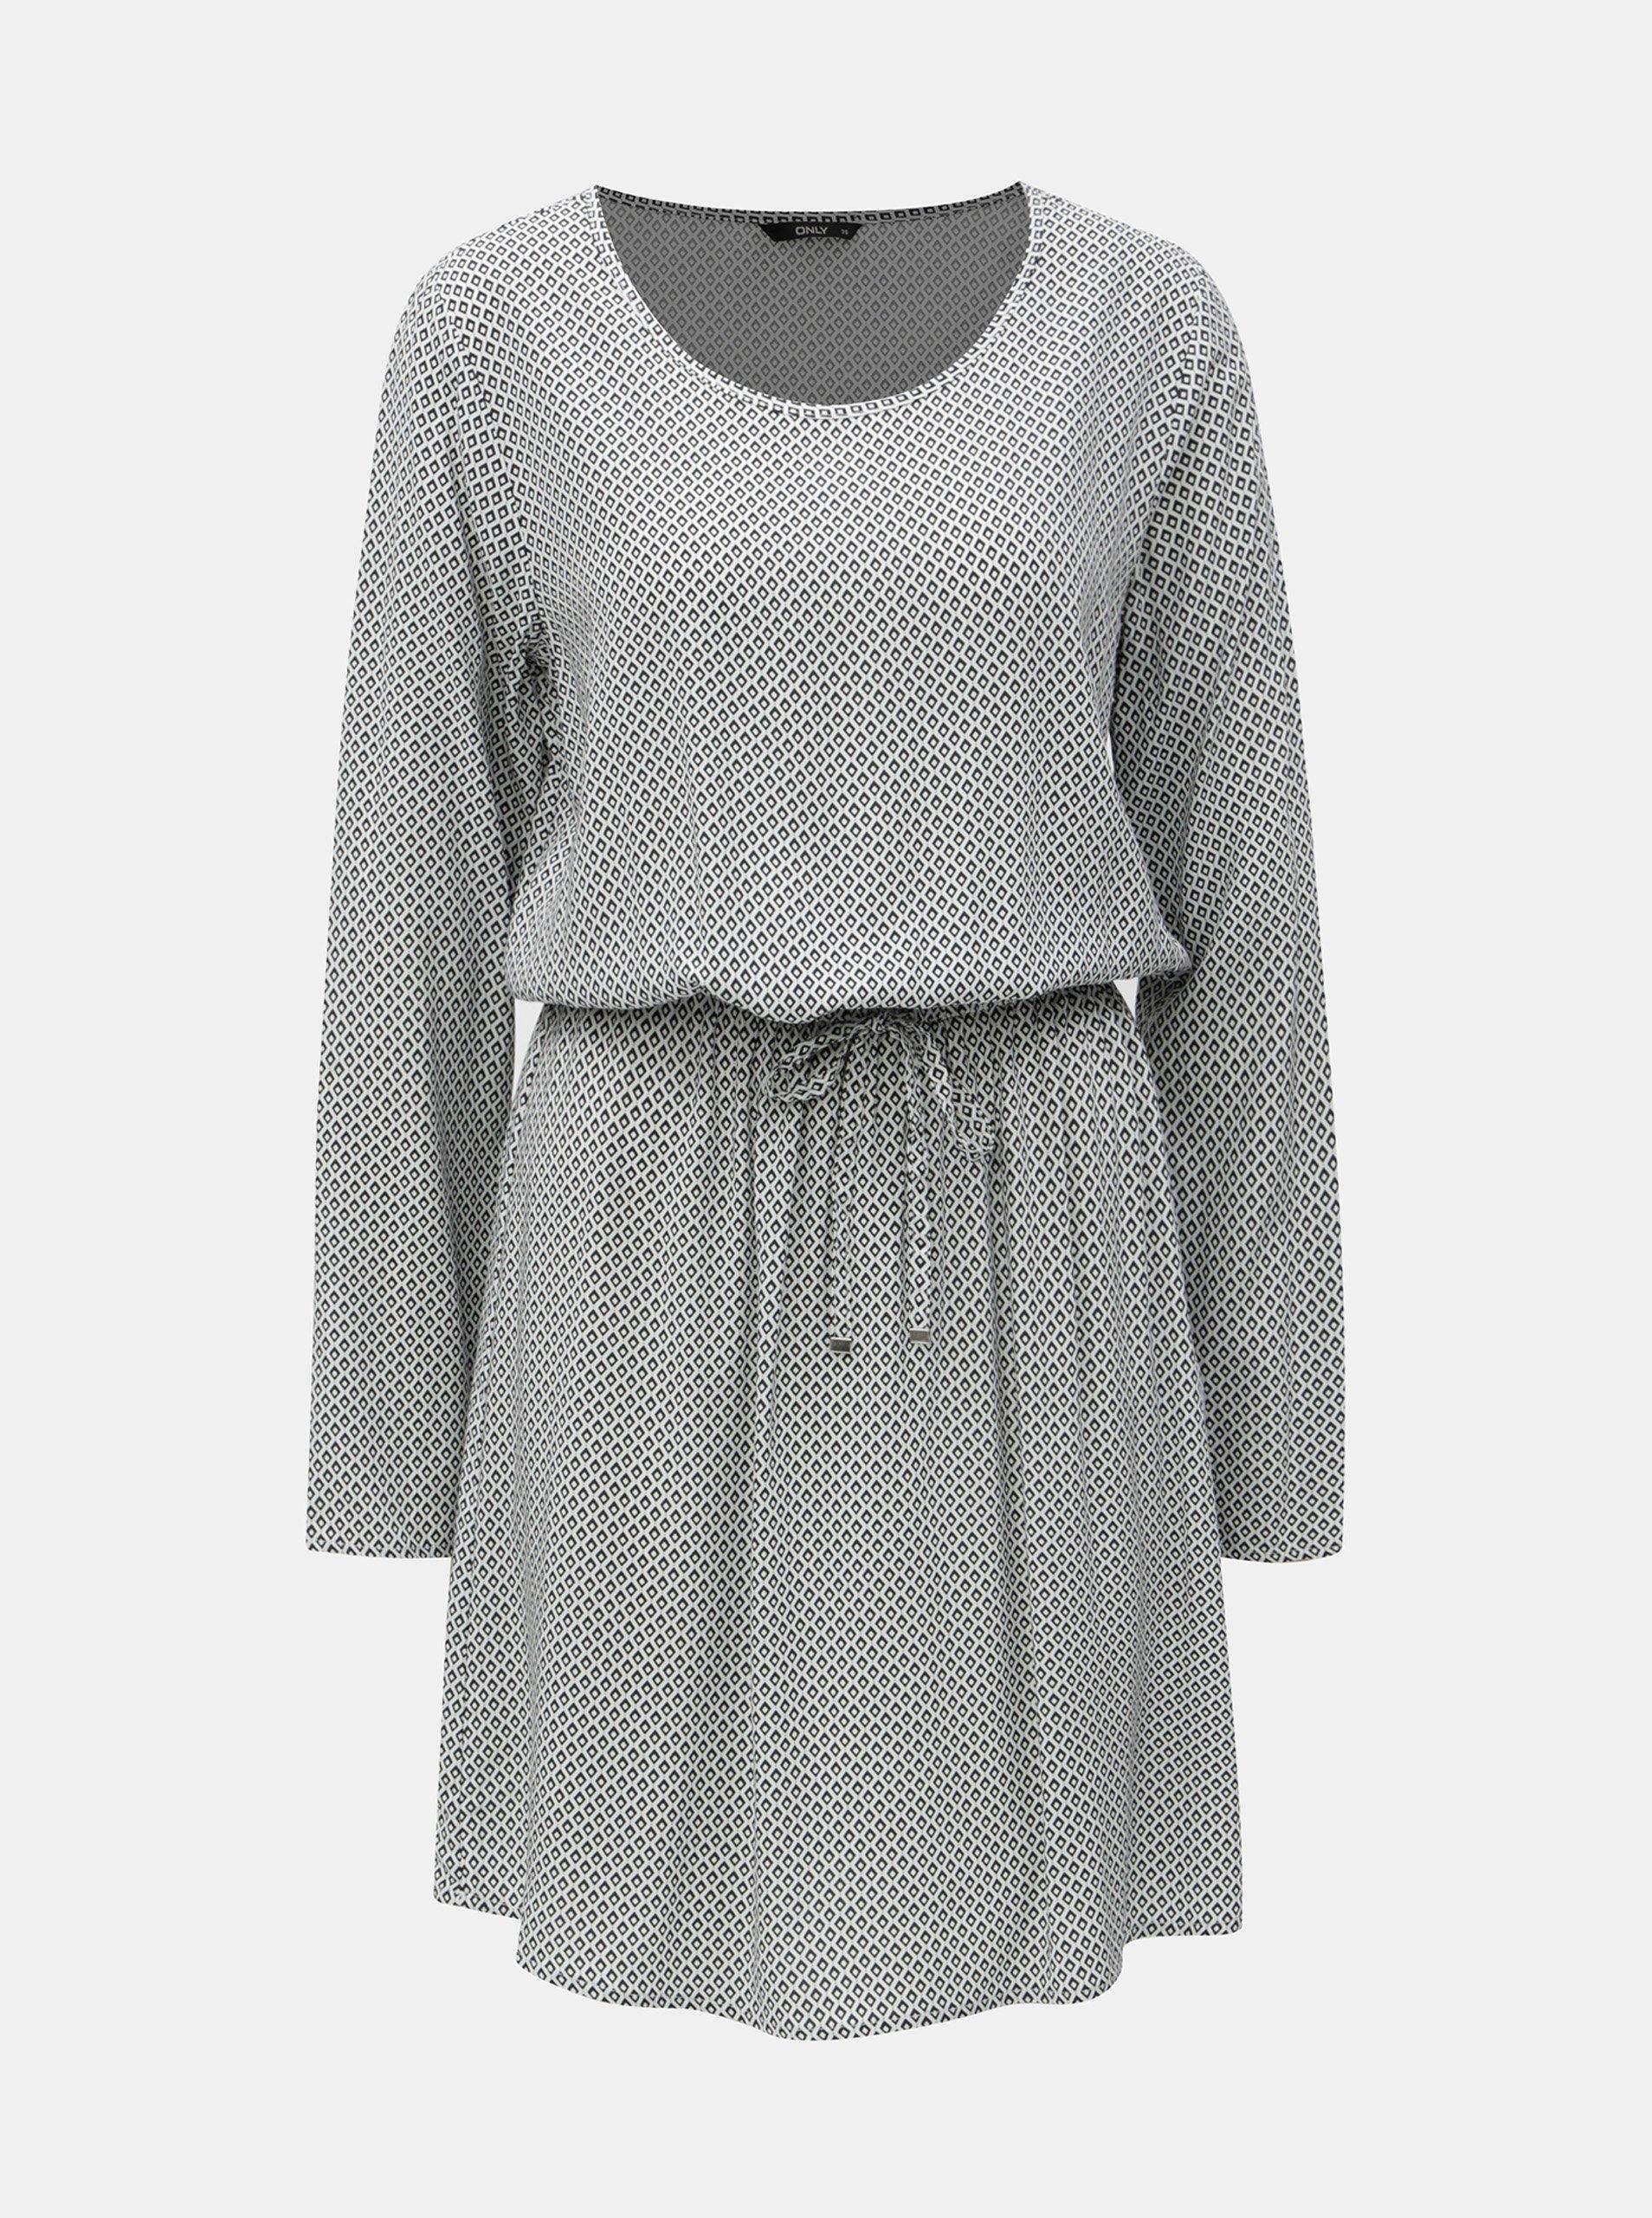 534f028efdbd Čierno-biele vzorované šaty so sťahovaním v páse ONLY